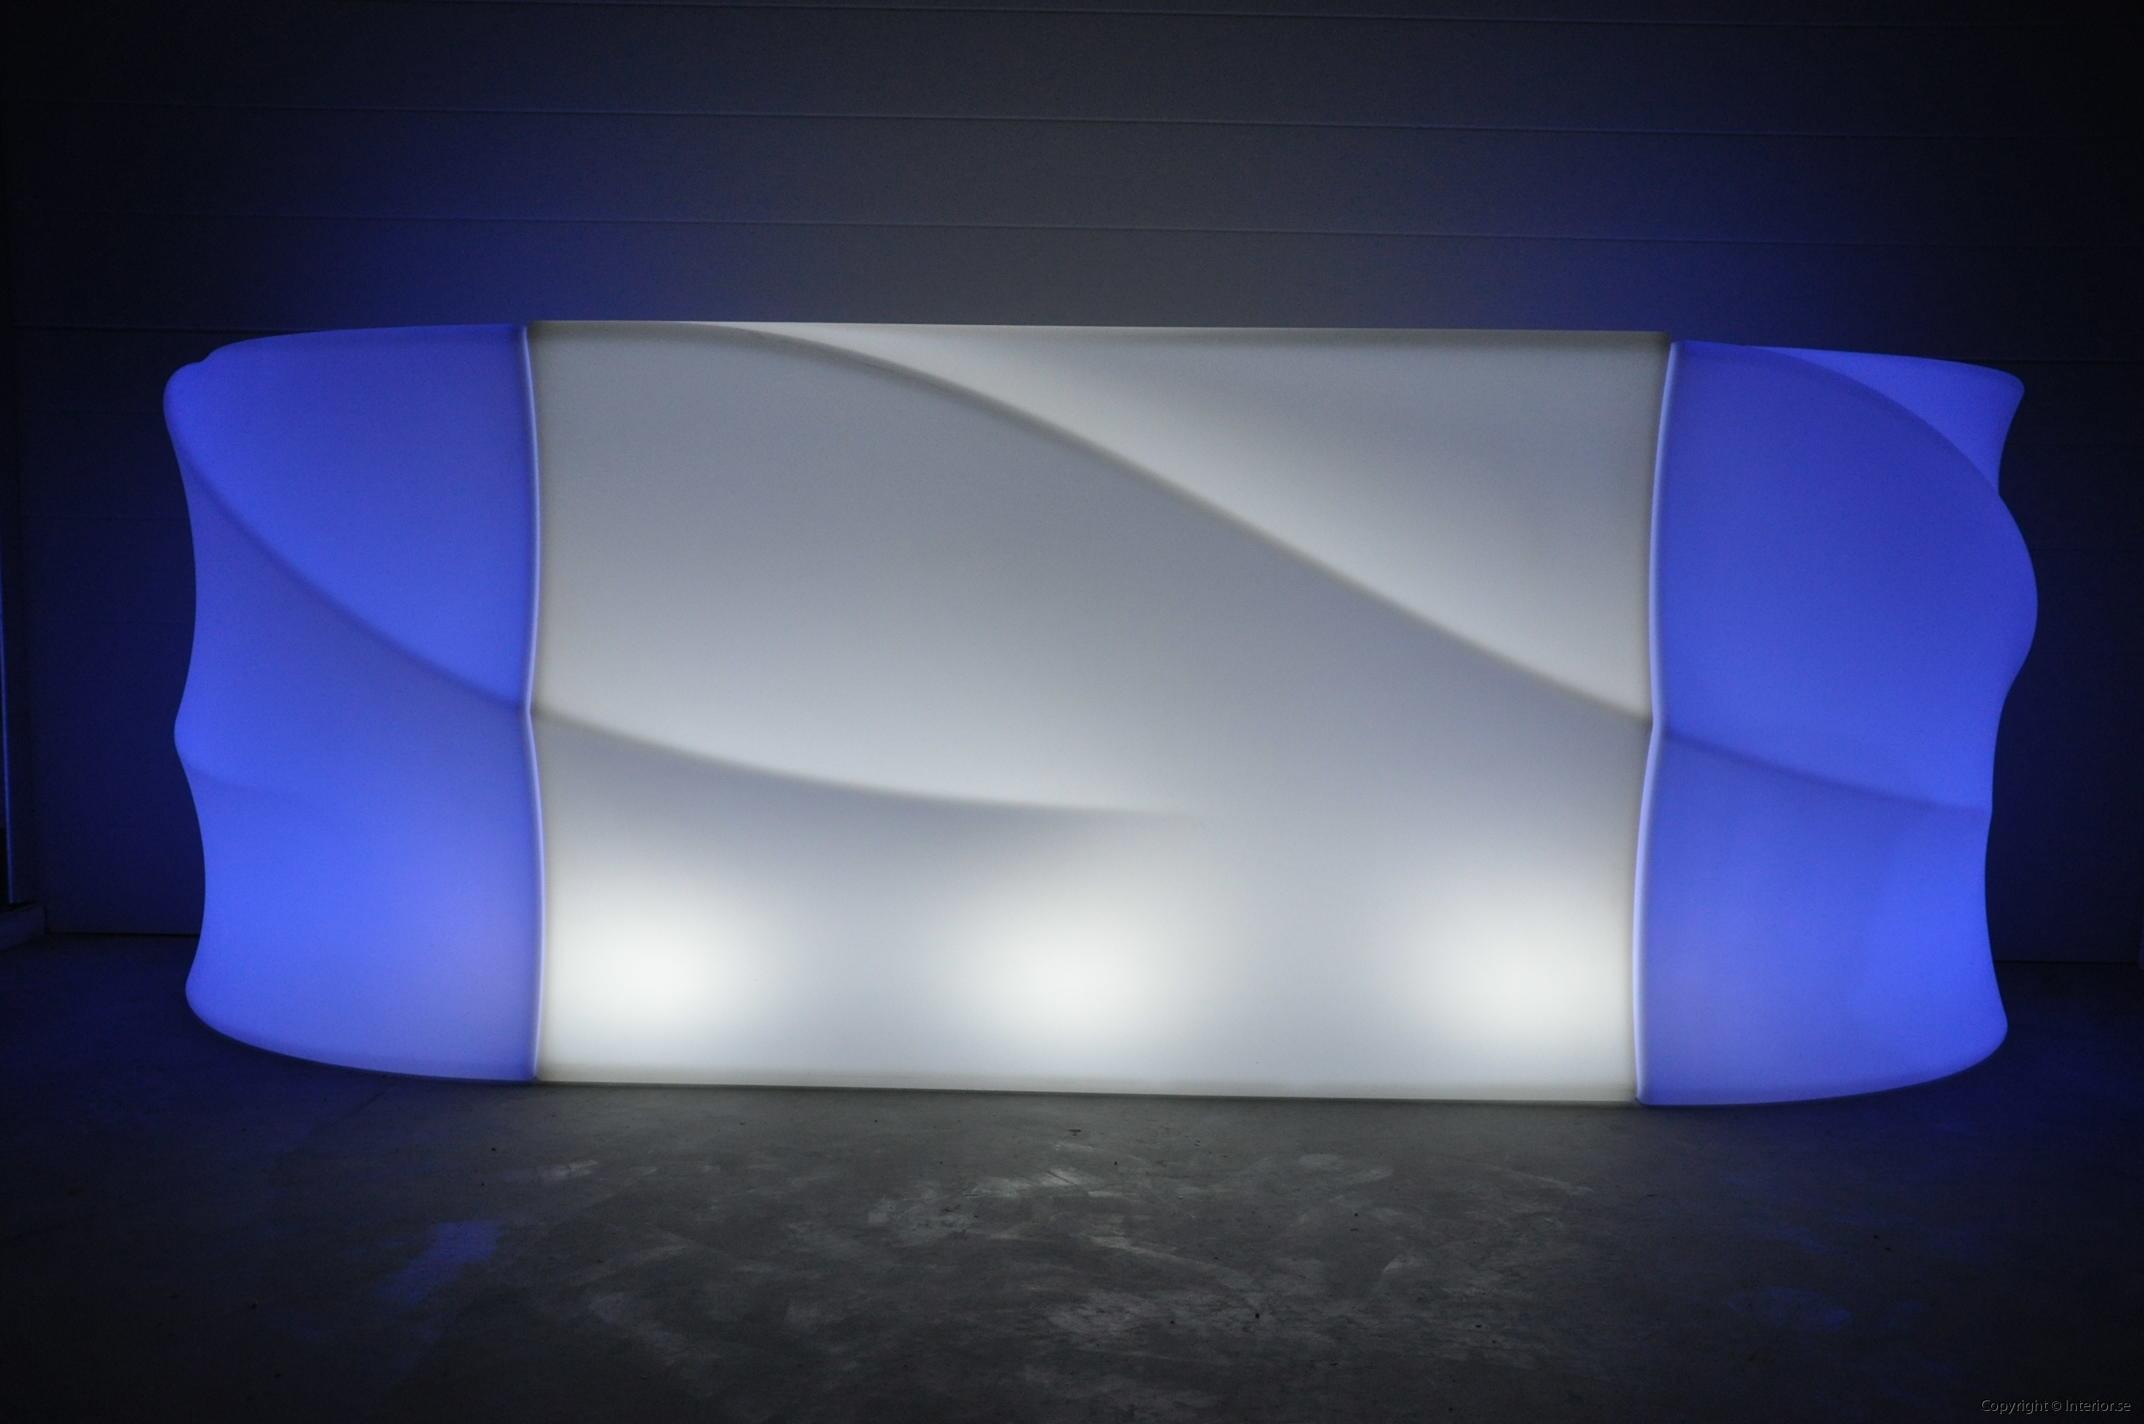 Hyra LED bardisk stockholm, New Wave 320 cm - batteri (11)